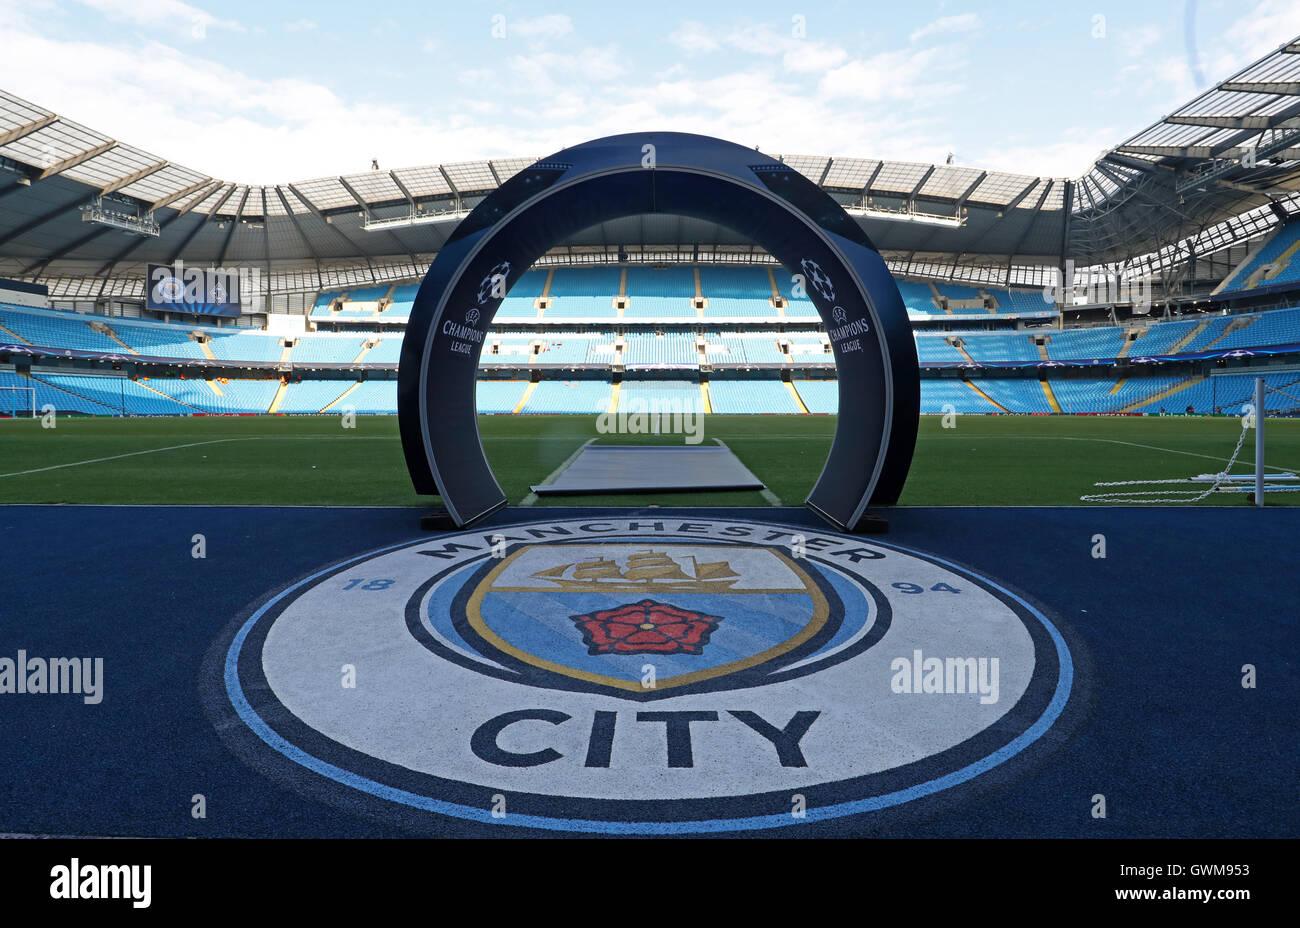 Une vue générale de l'Etihad Stadium avant le match de la Ligue des Champions entre Manchester City Photo Stock